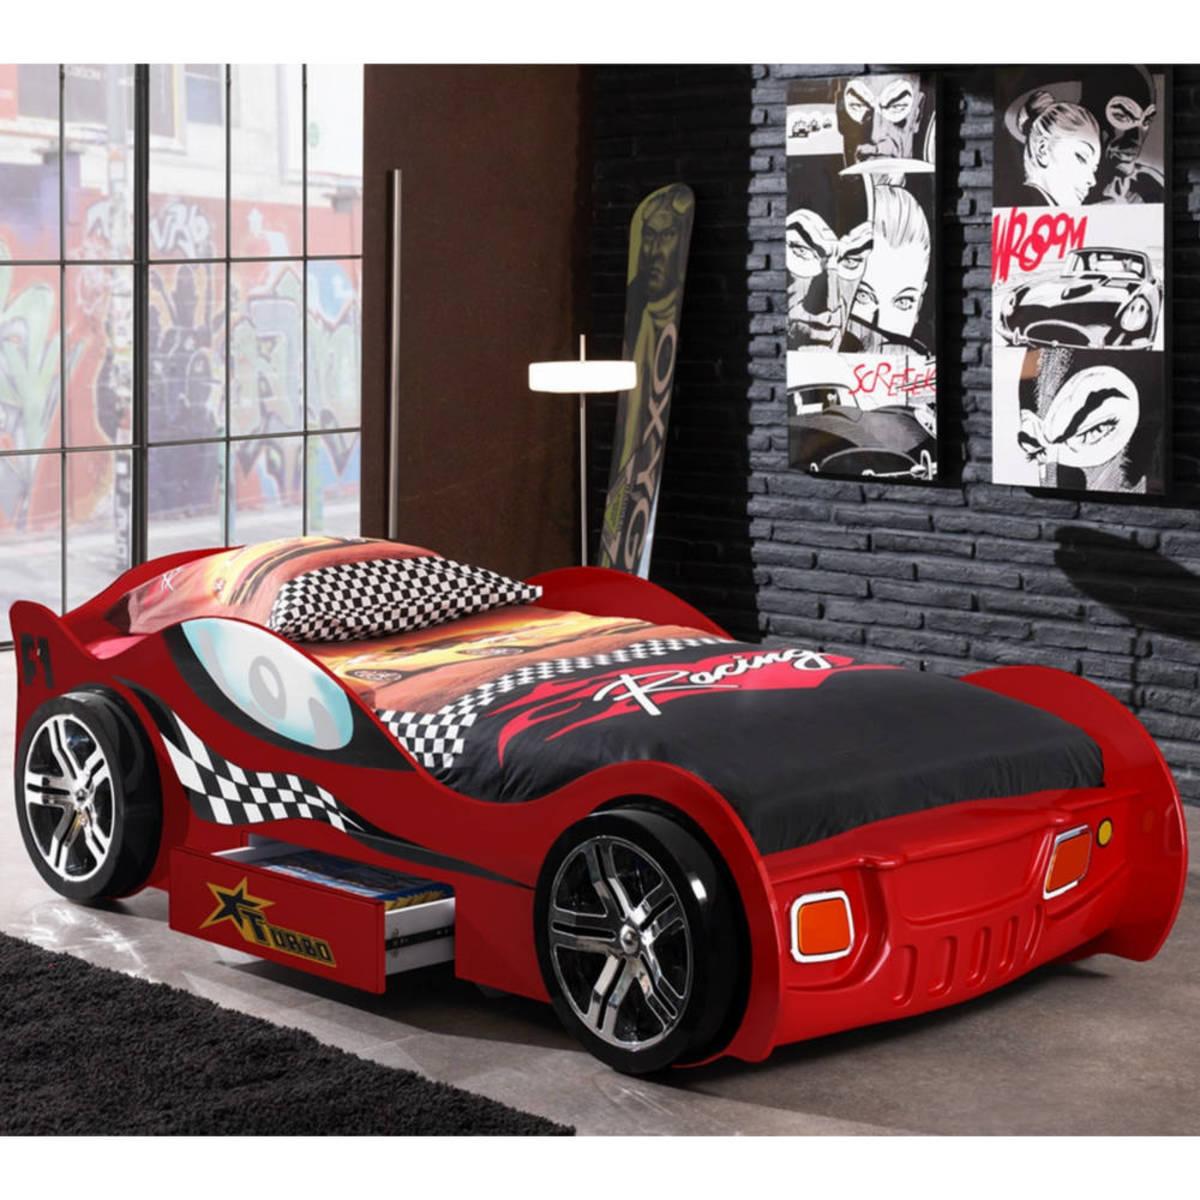 Detská posteľ auto Turbo Racing - červená Car